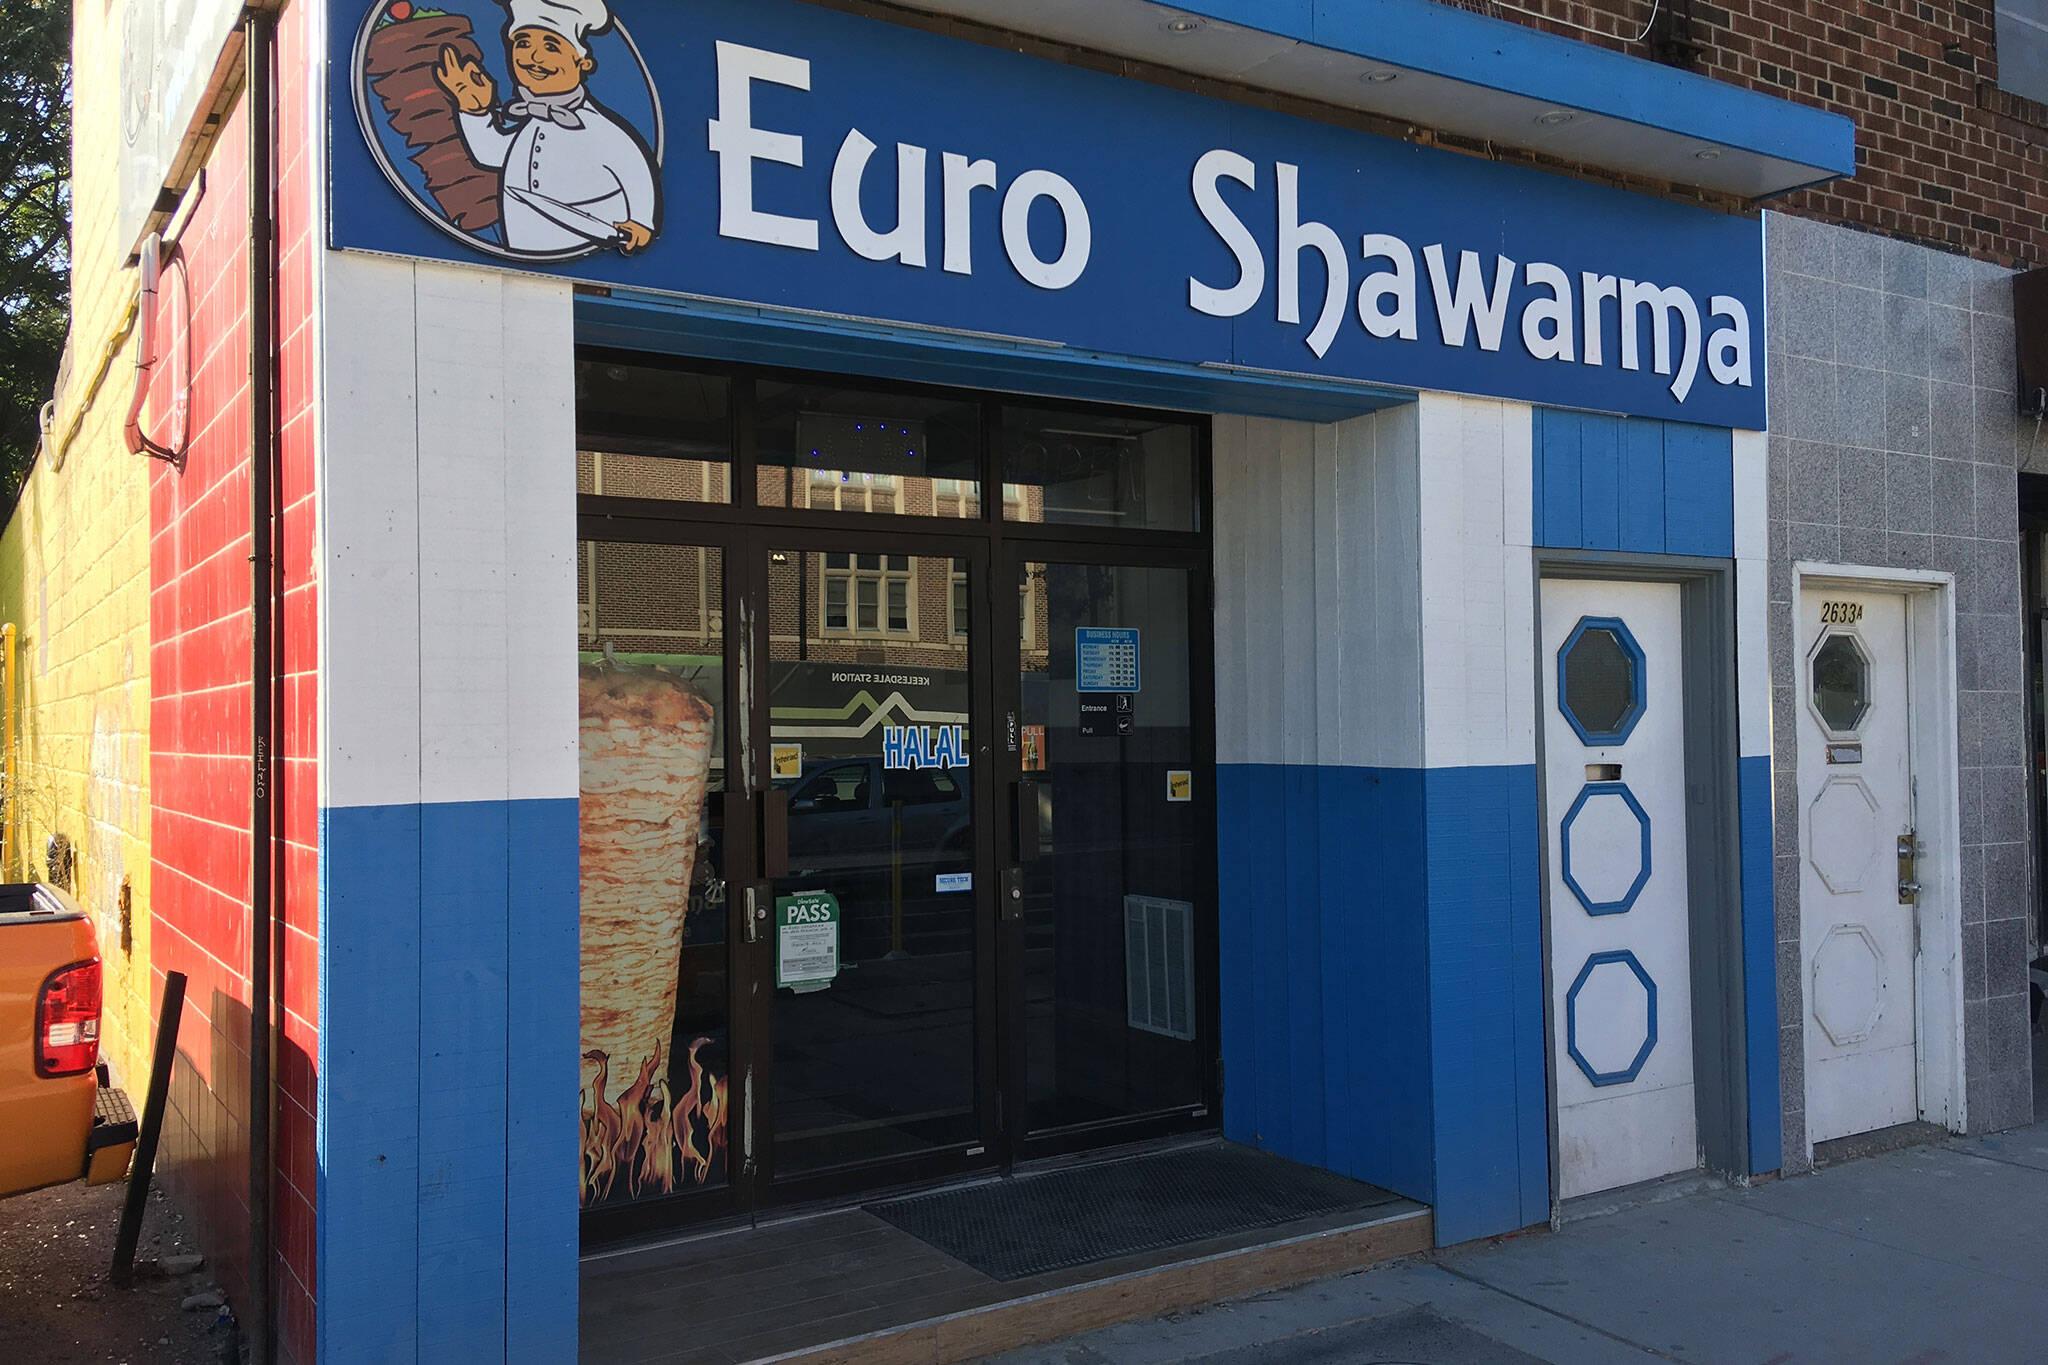 Euro Shawarma Toronto